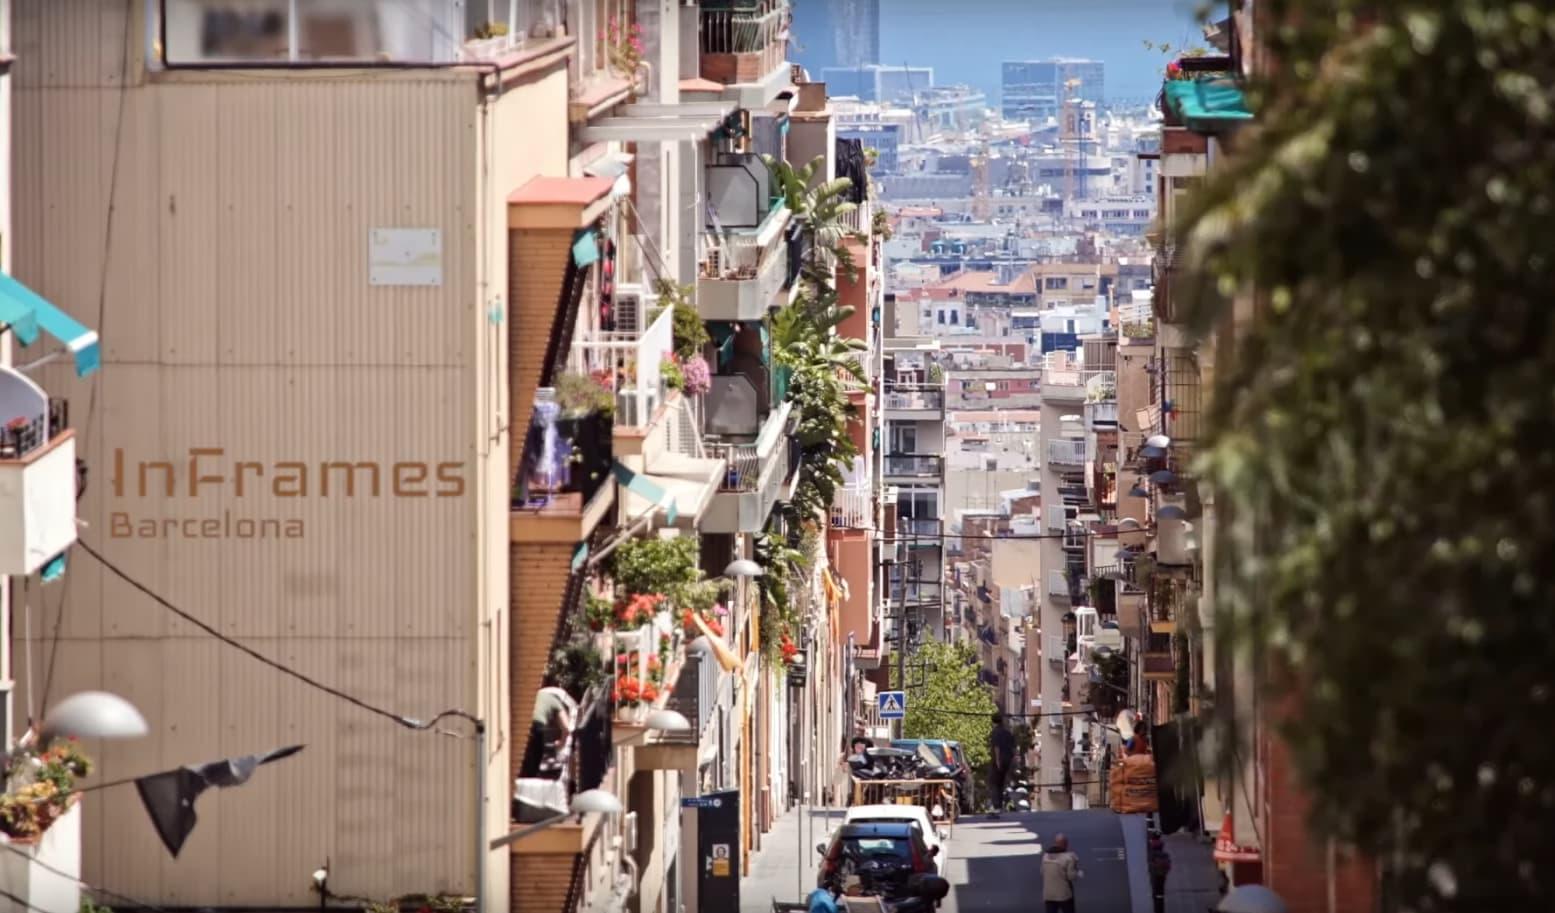 InFrames Barcelona | Der Skatefilm, den man gesehen haben muss